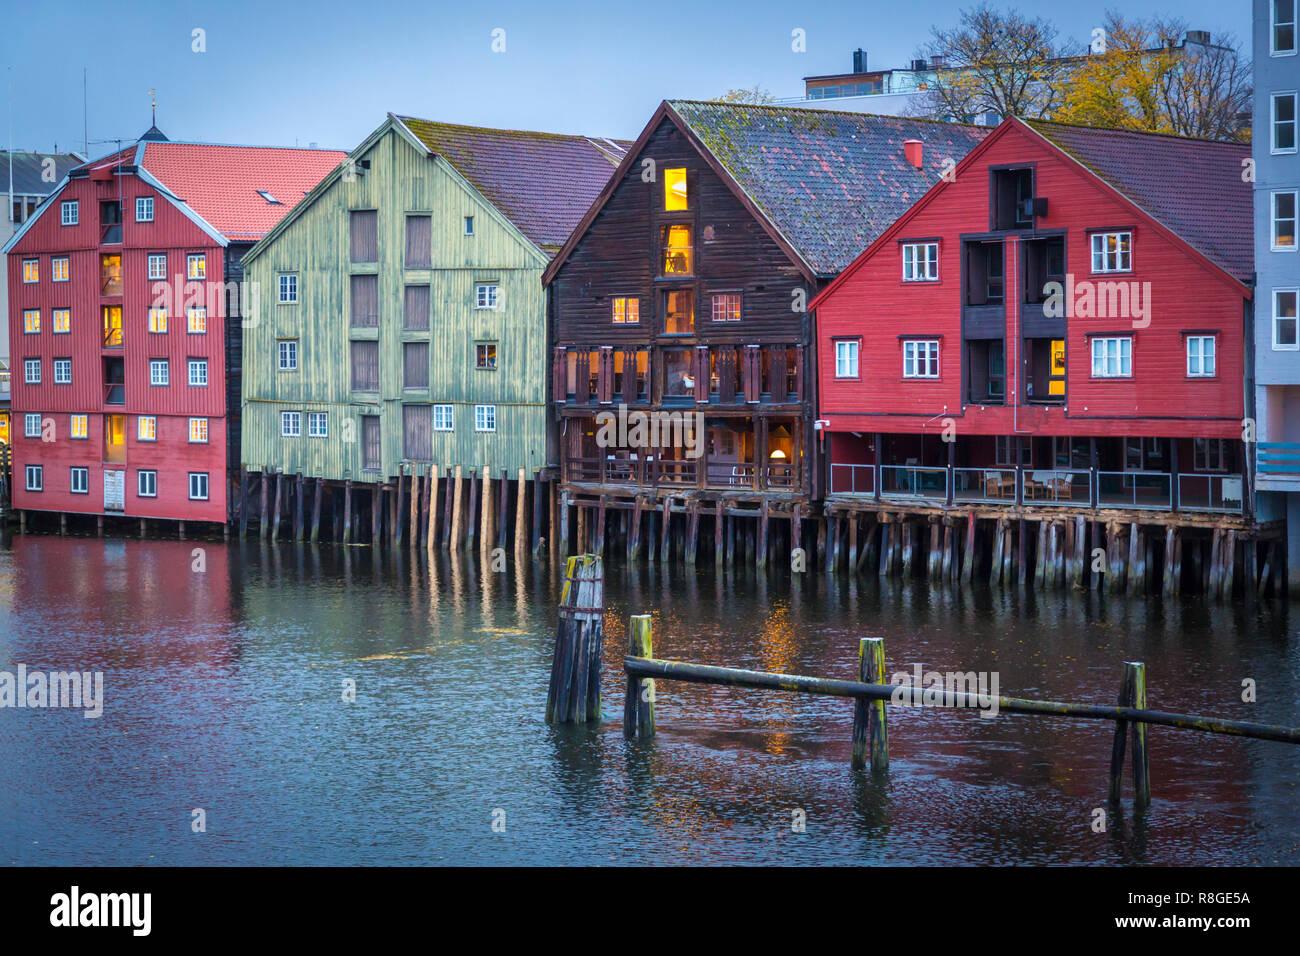 Speicherstadt Trondheim in Nordwegen - Stock Image